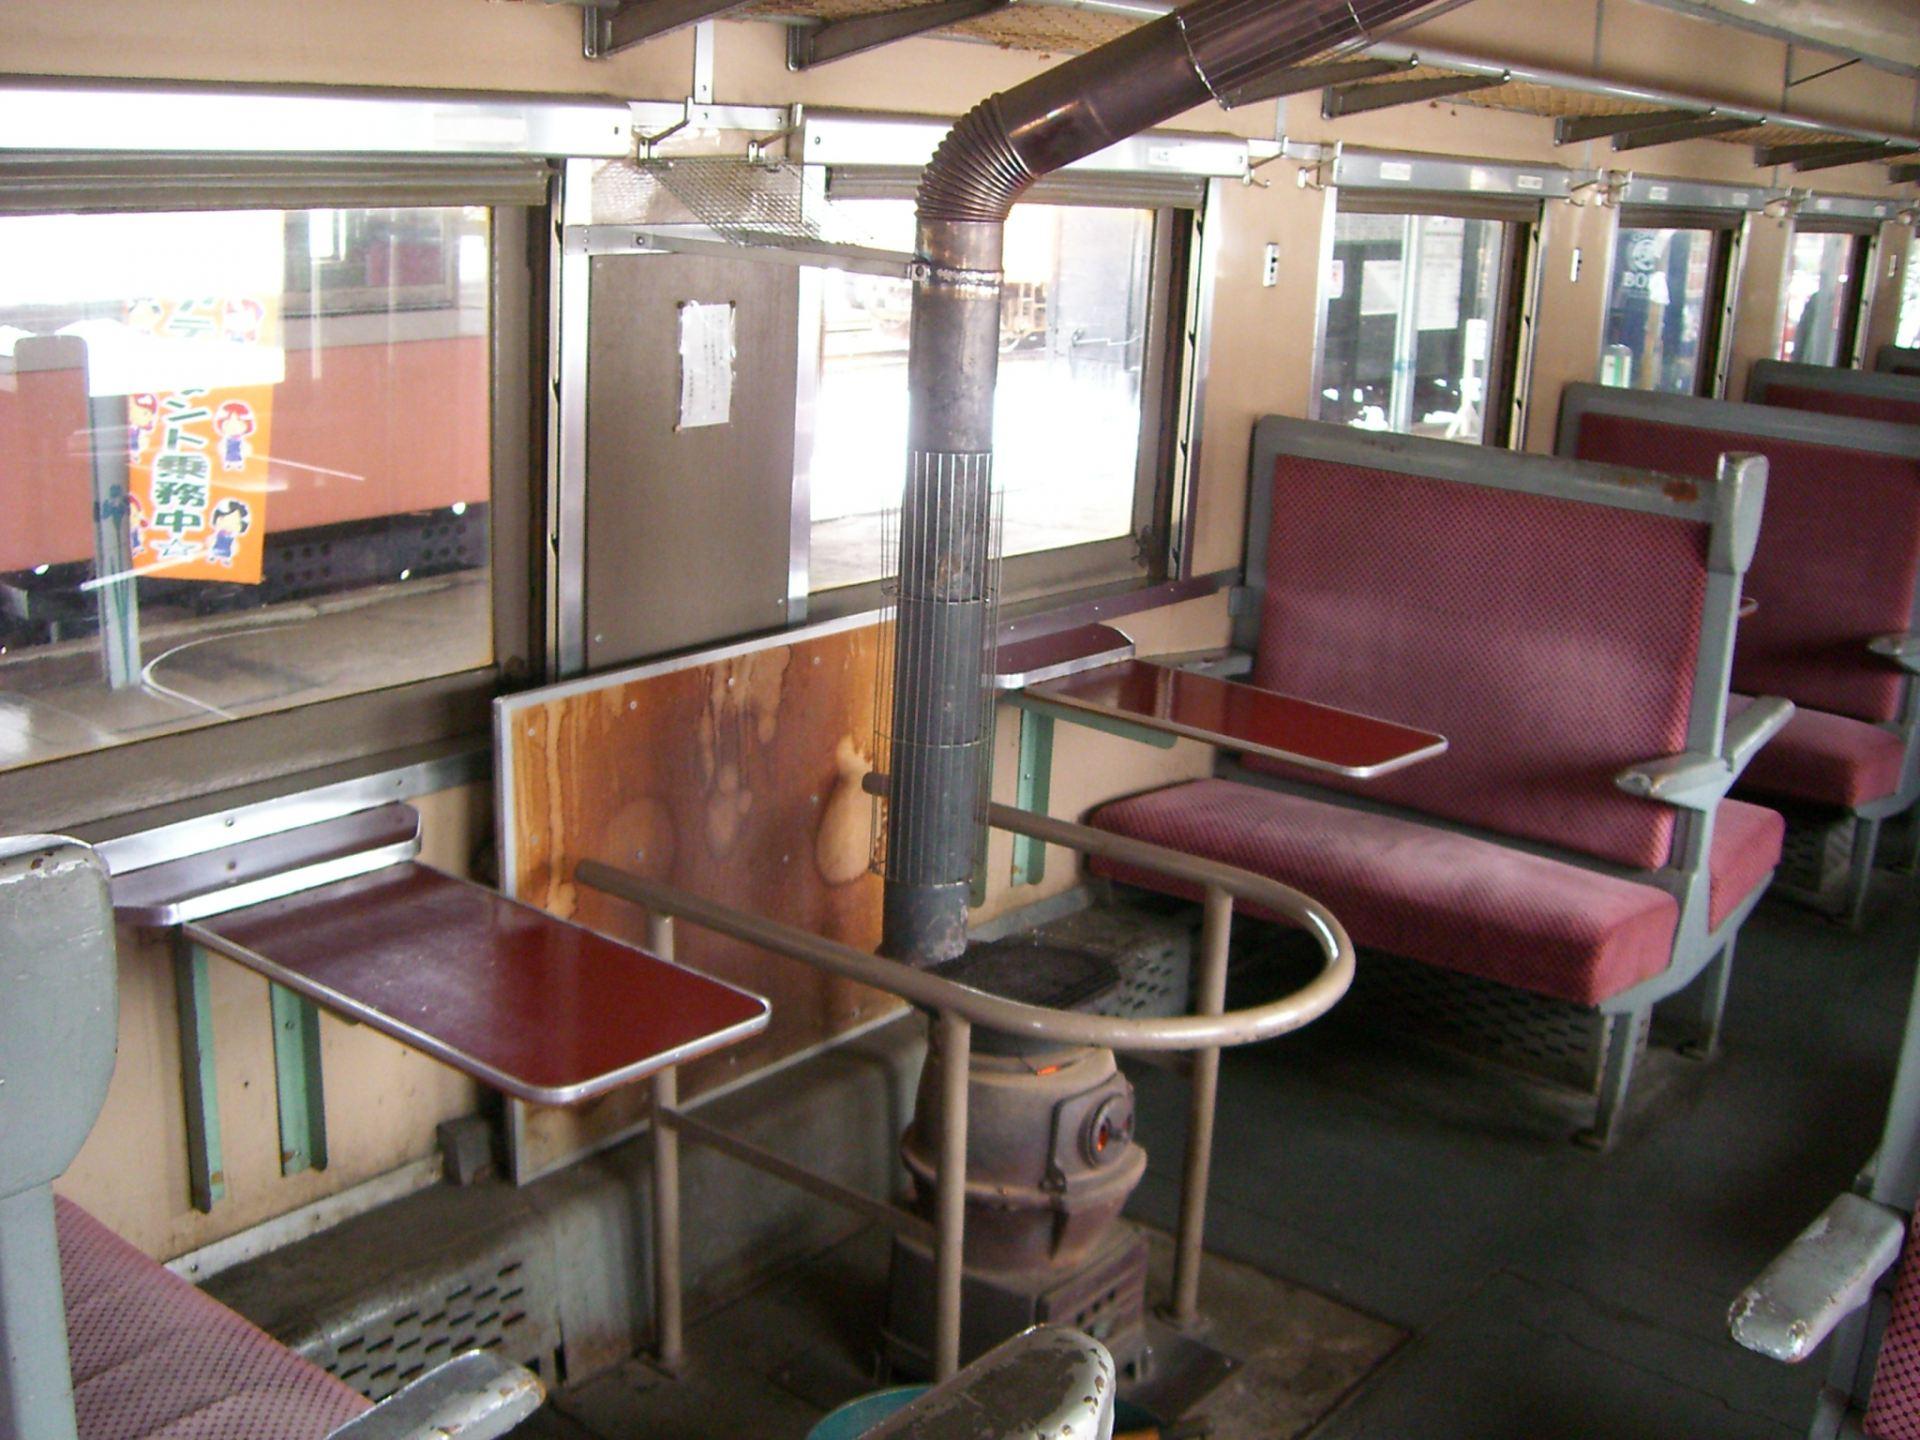 暖爐列車 暖爐旁的座位